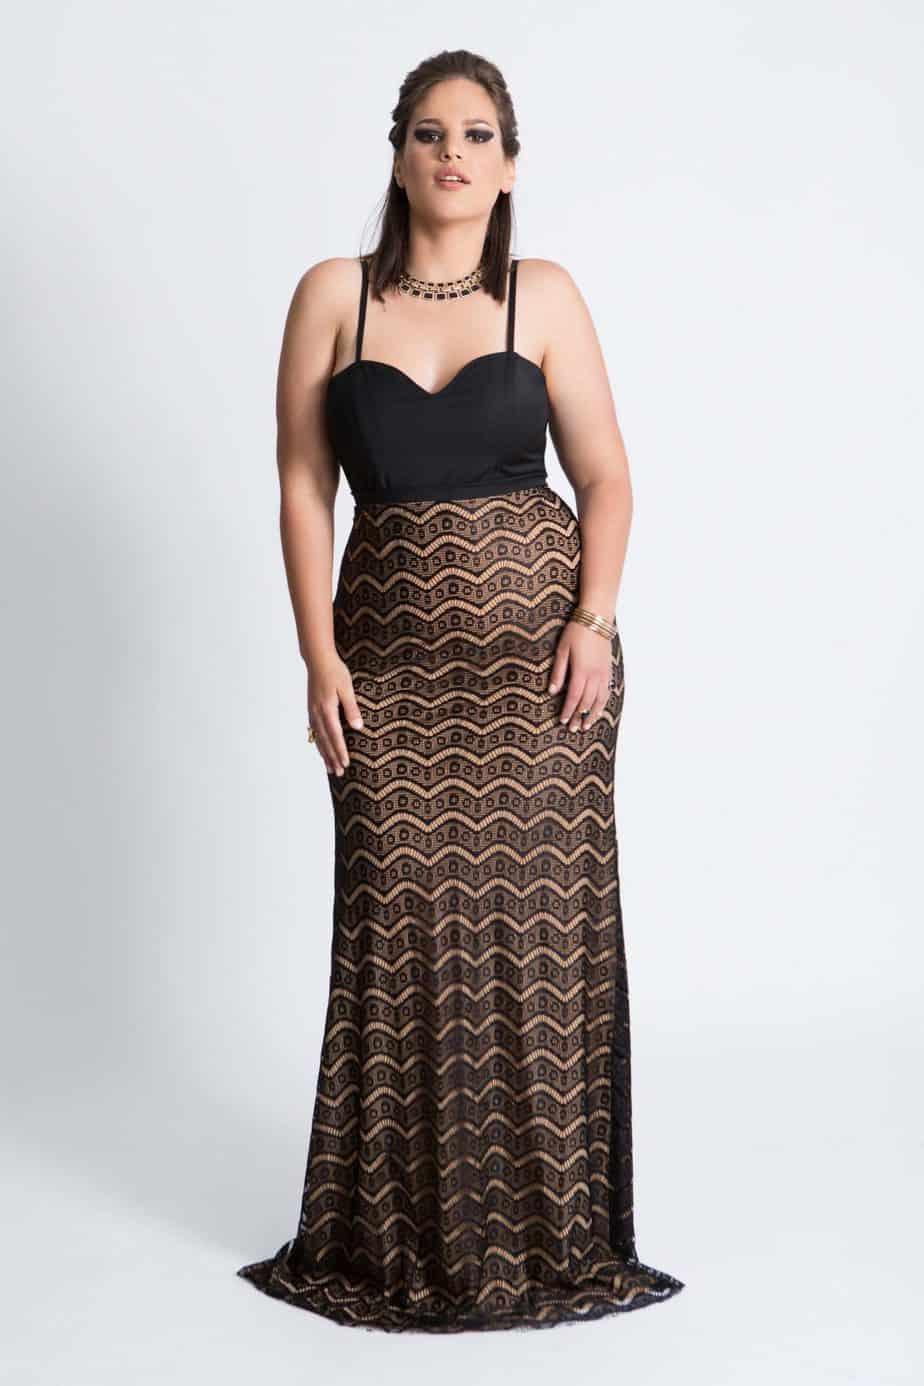 שמלה של רז אלנתן, צילום יח״צ - 15